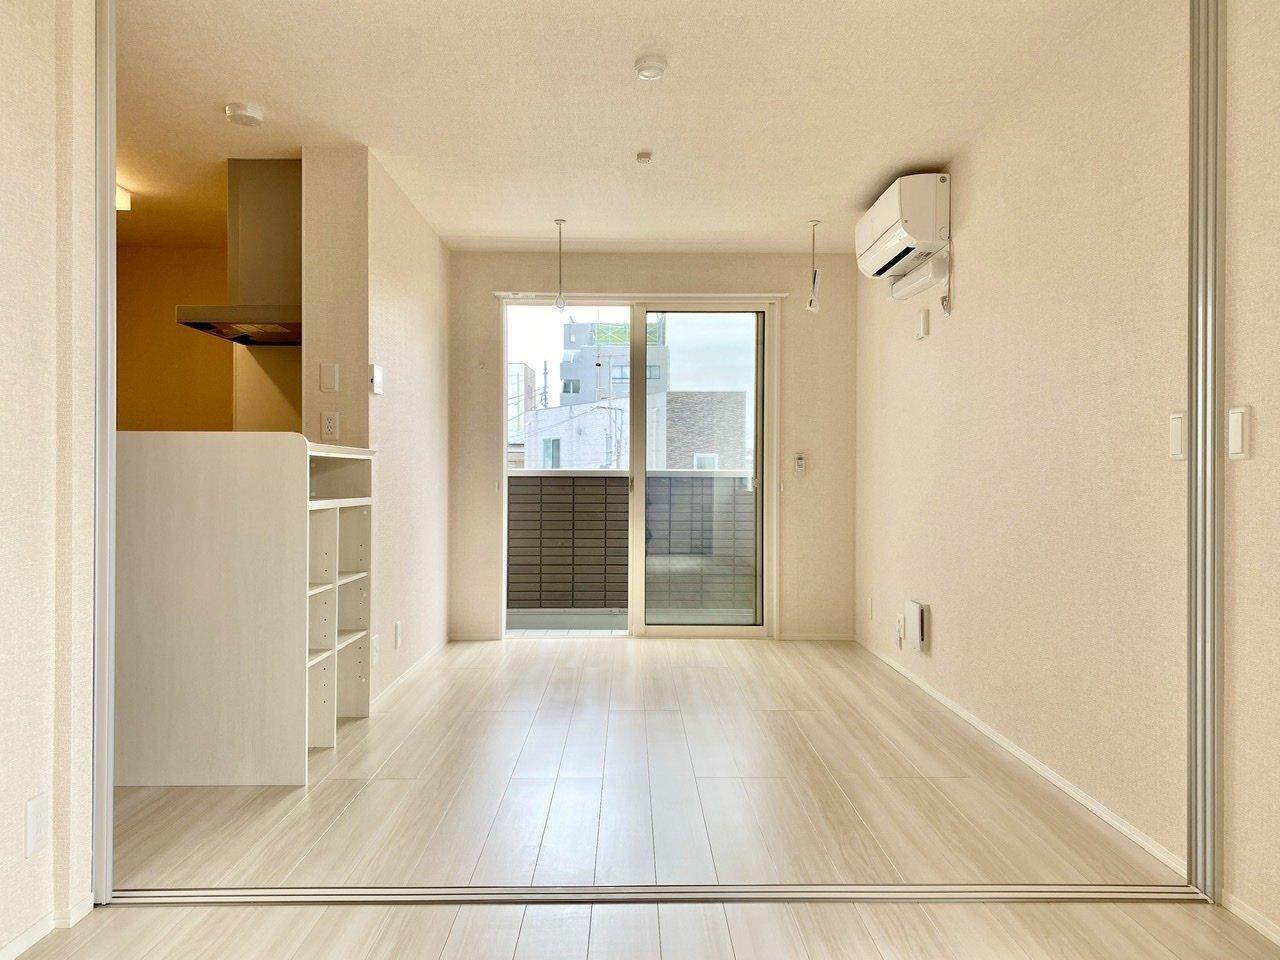 LDKと洋室を繋げれば約15帖の広々空間。キッチン前にダイニングテーブルを置いて、洋室はリビング兼寝室として使っても良さそう。